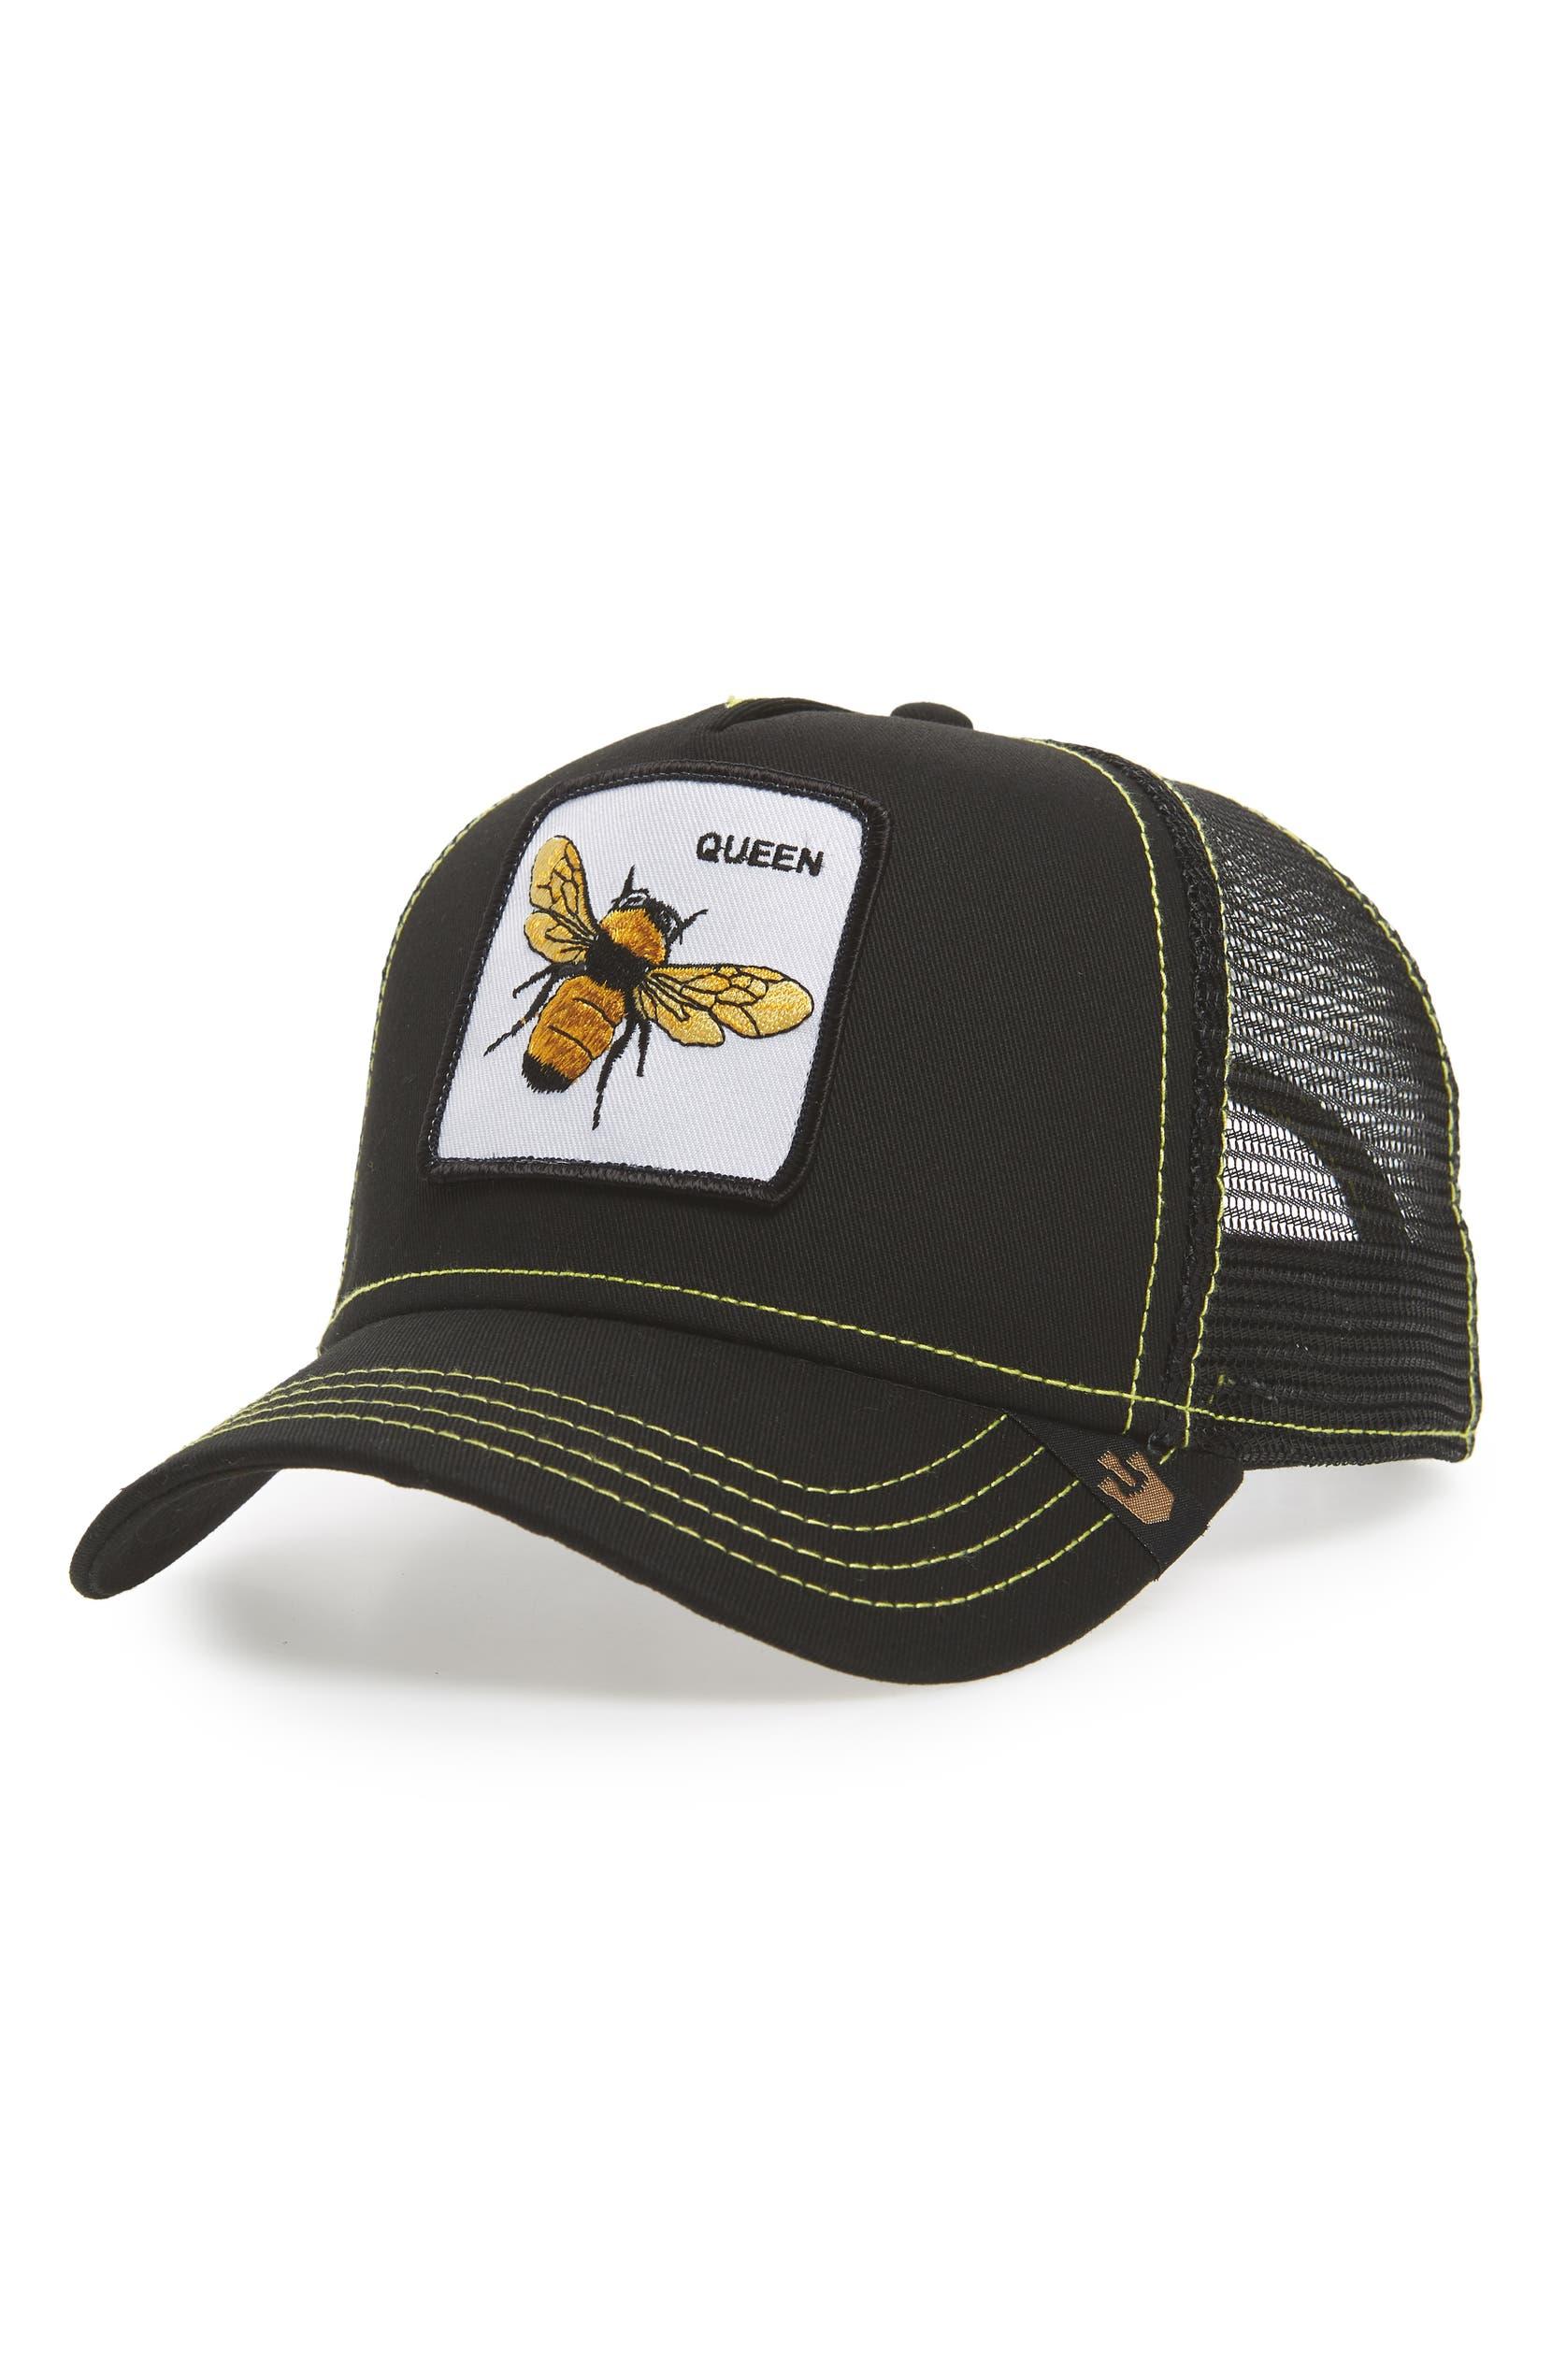 Goorin Brothers Queen Bee Trucker Cap  c38a6205101